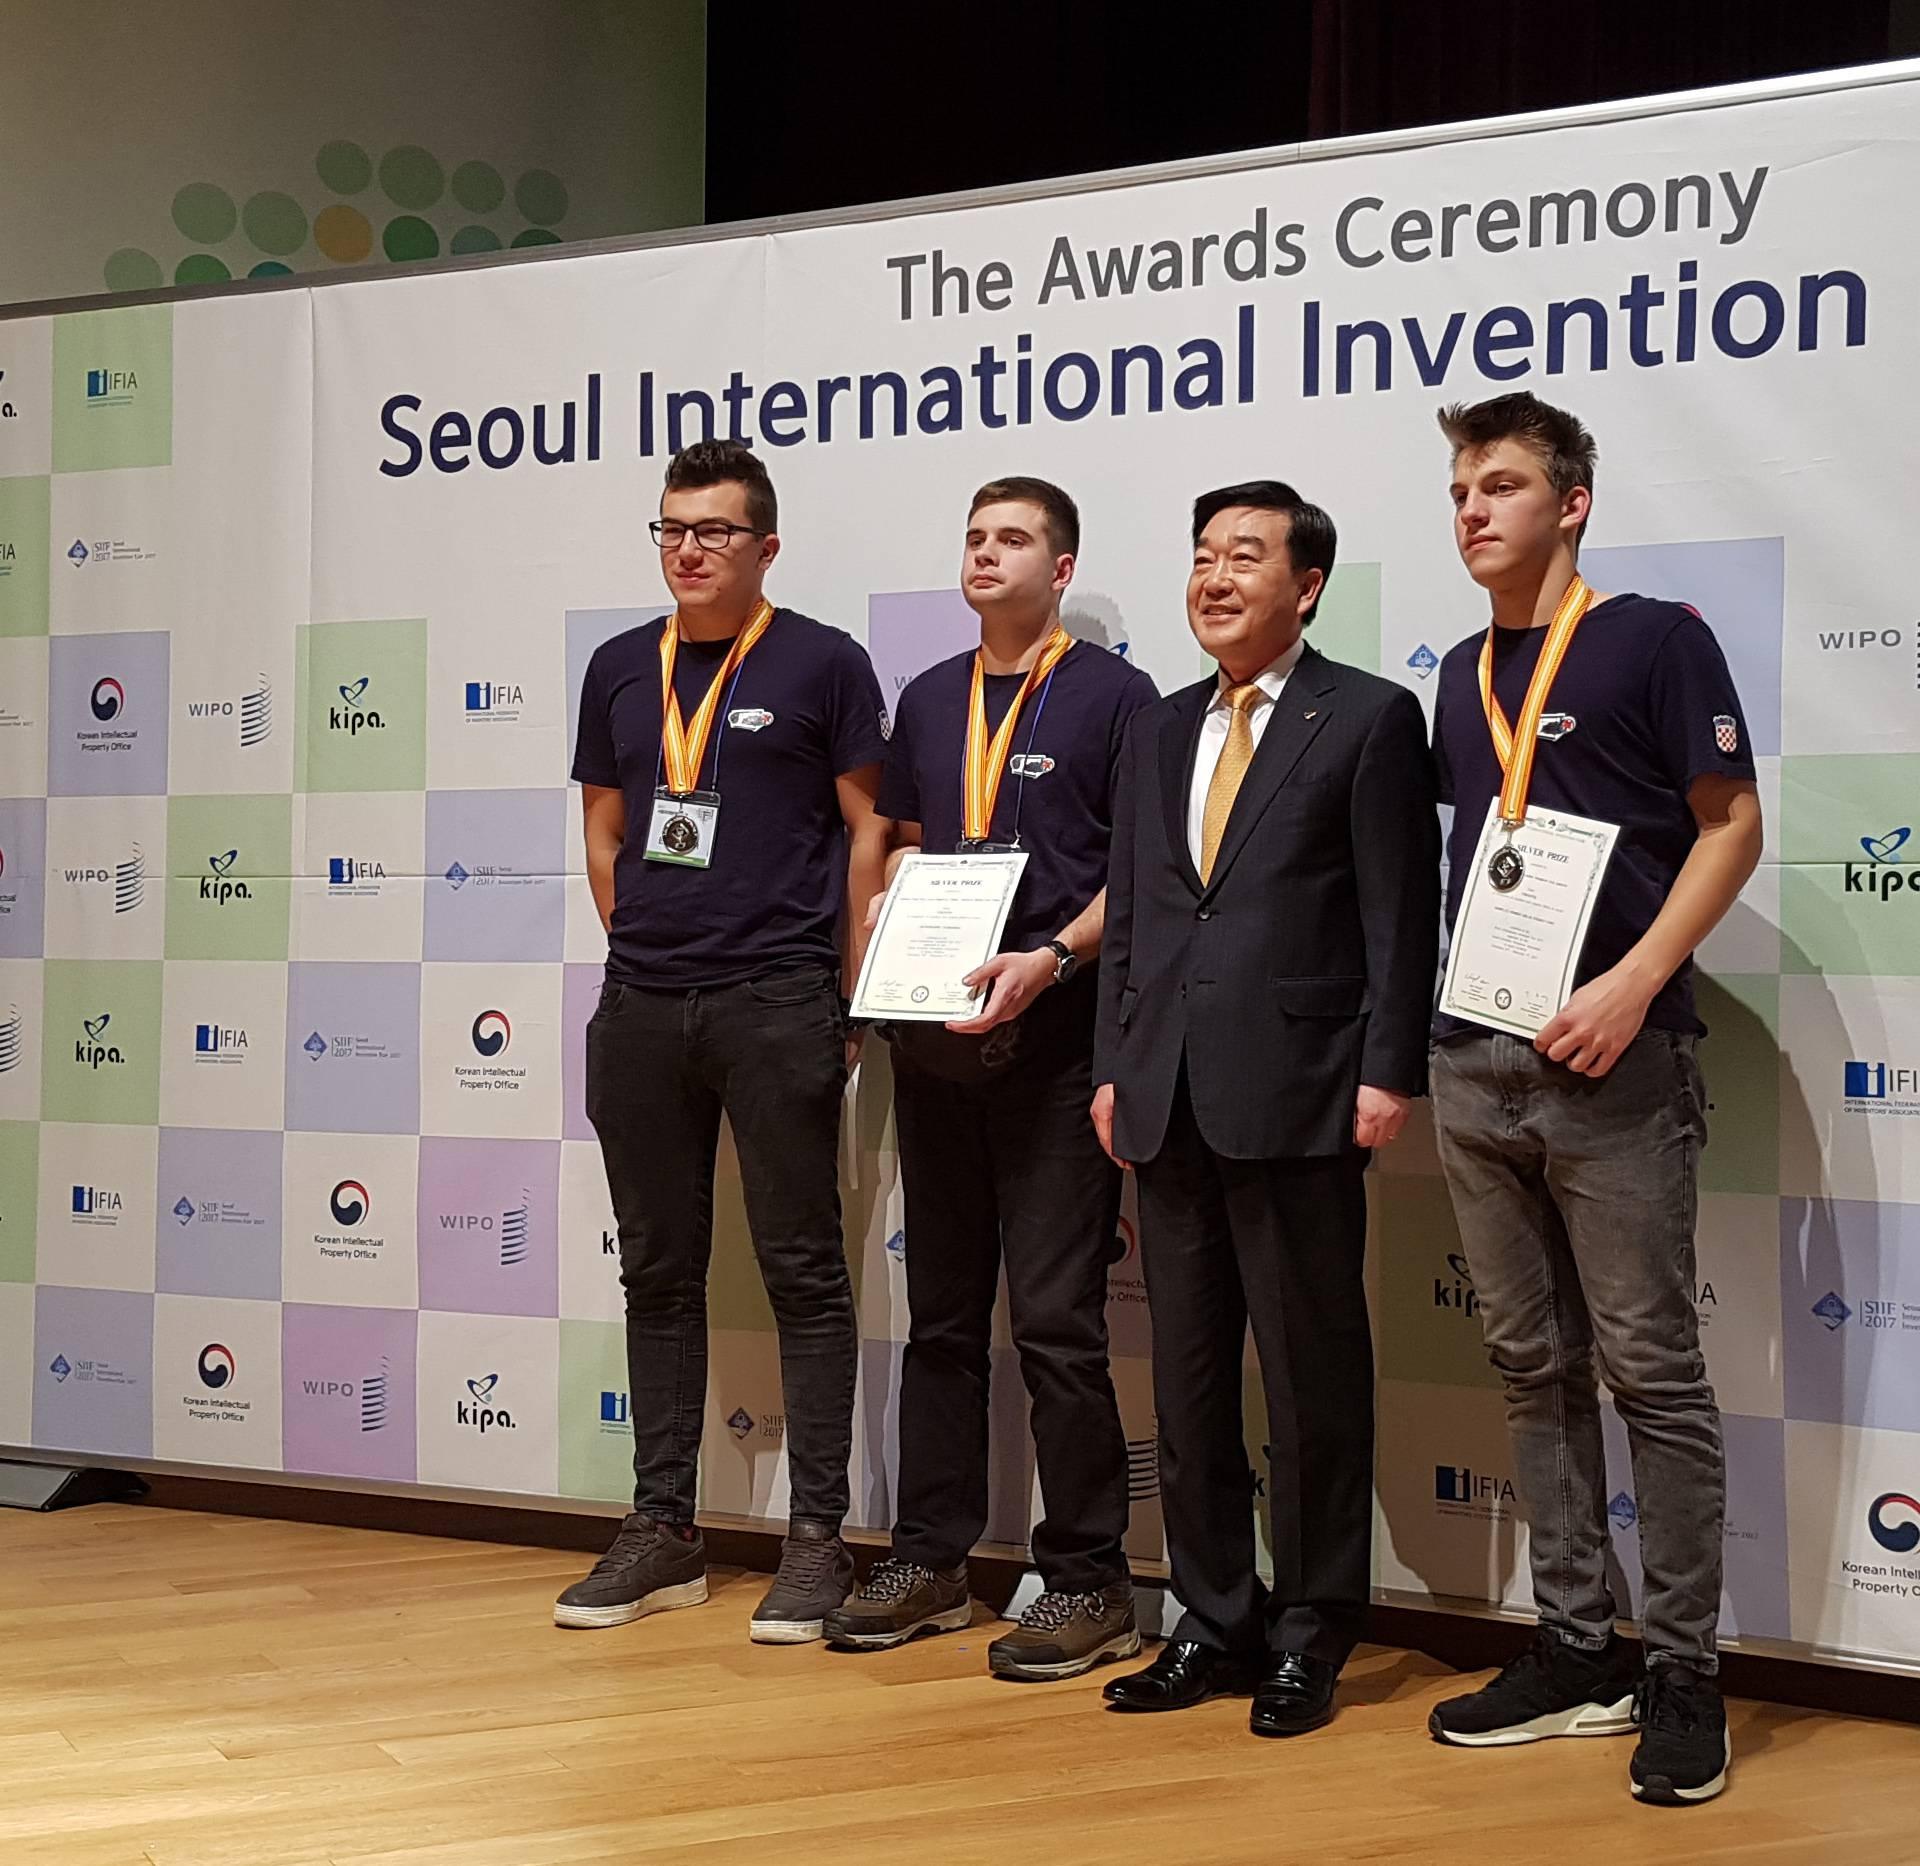 U Seoulu sedam medalja za hrvatske inovacije